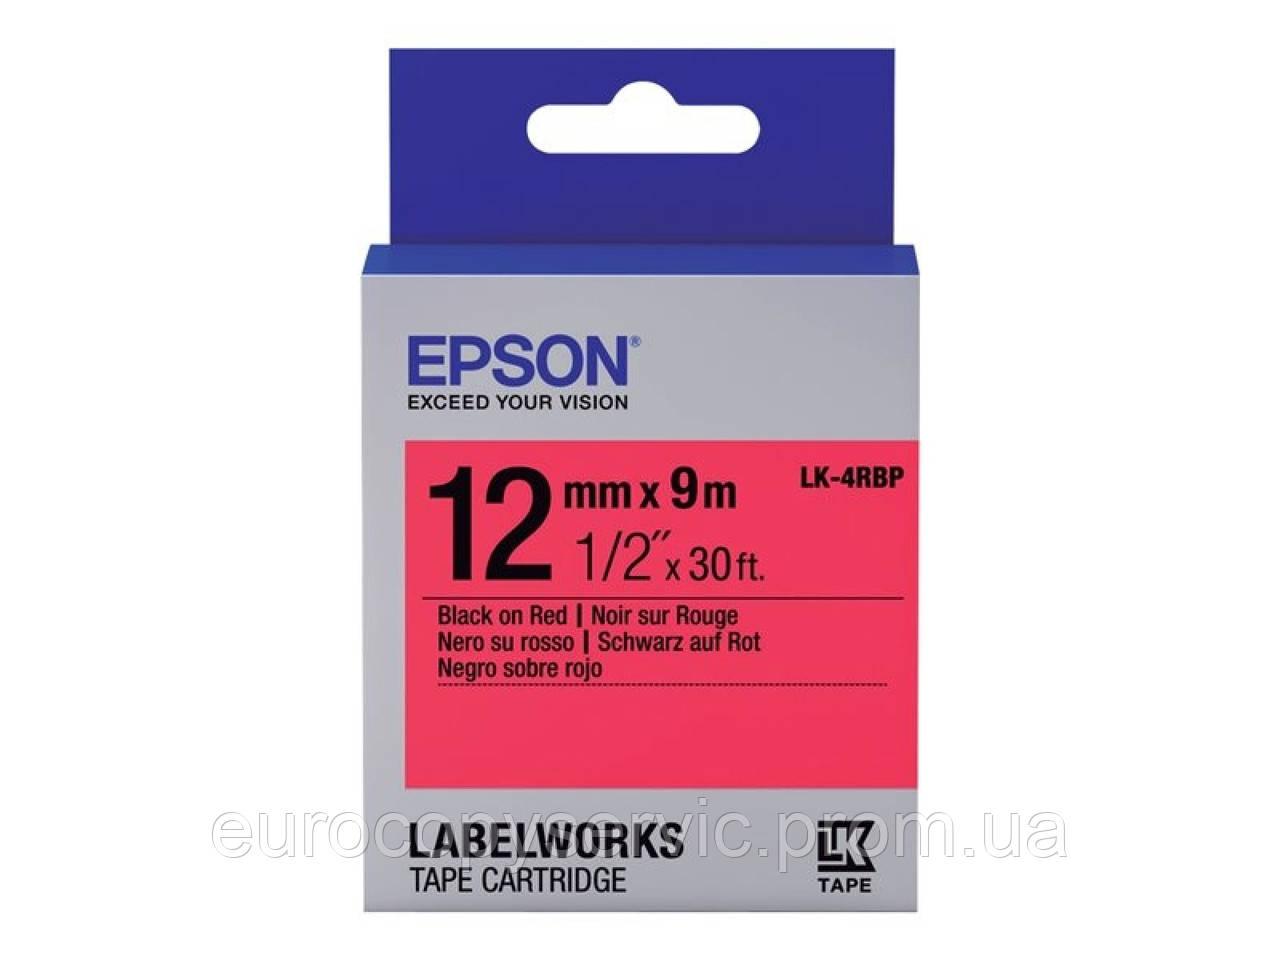 Картридж Epson для LW-300/400/400VP/700 Pastel Black/Red 12mm x 9m (C53S654007)